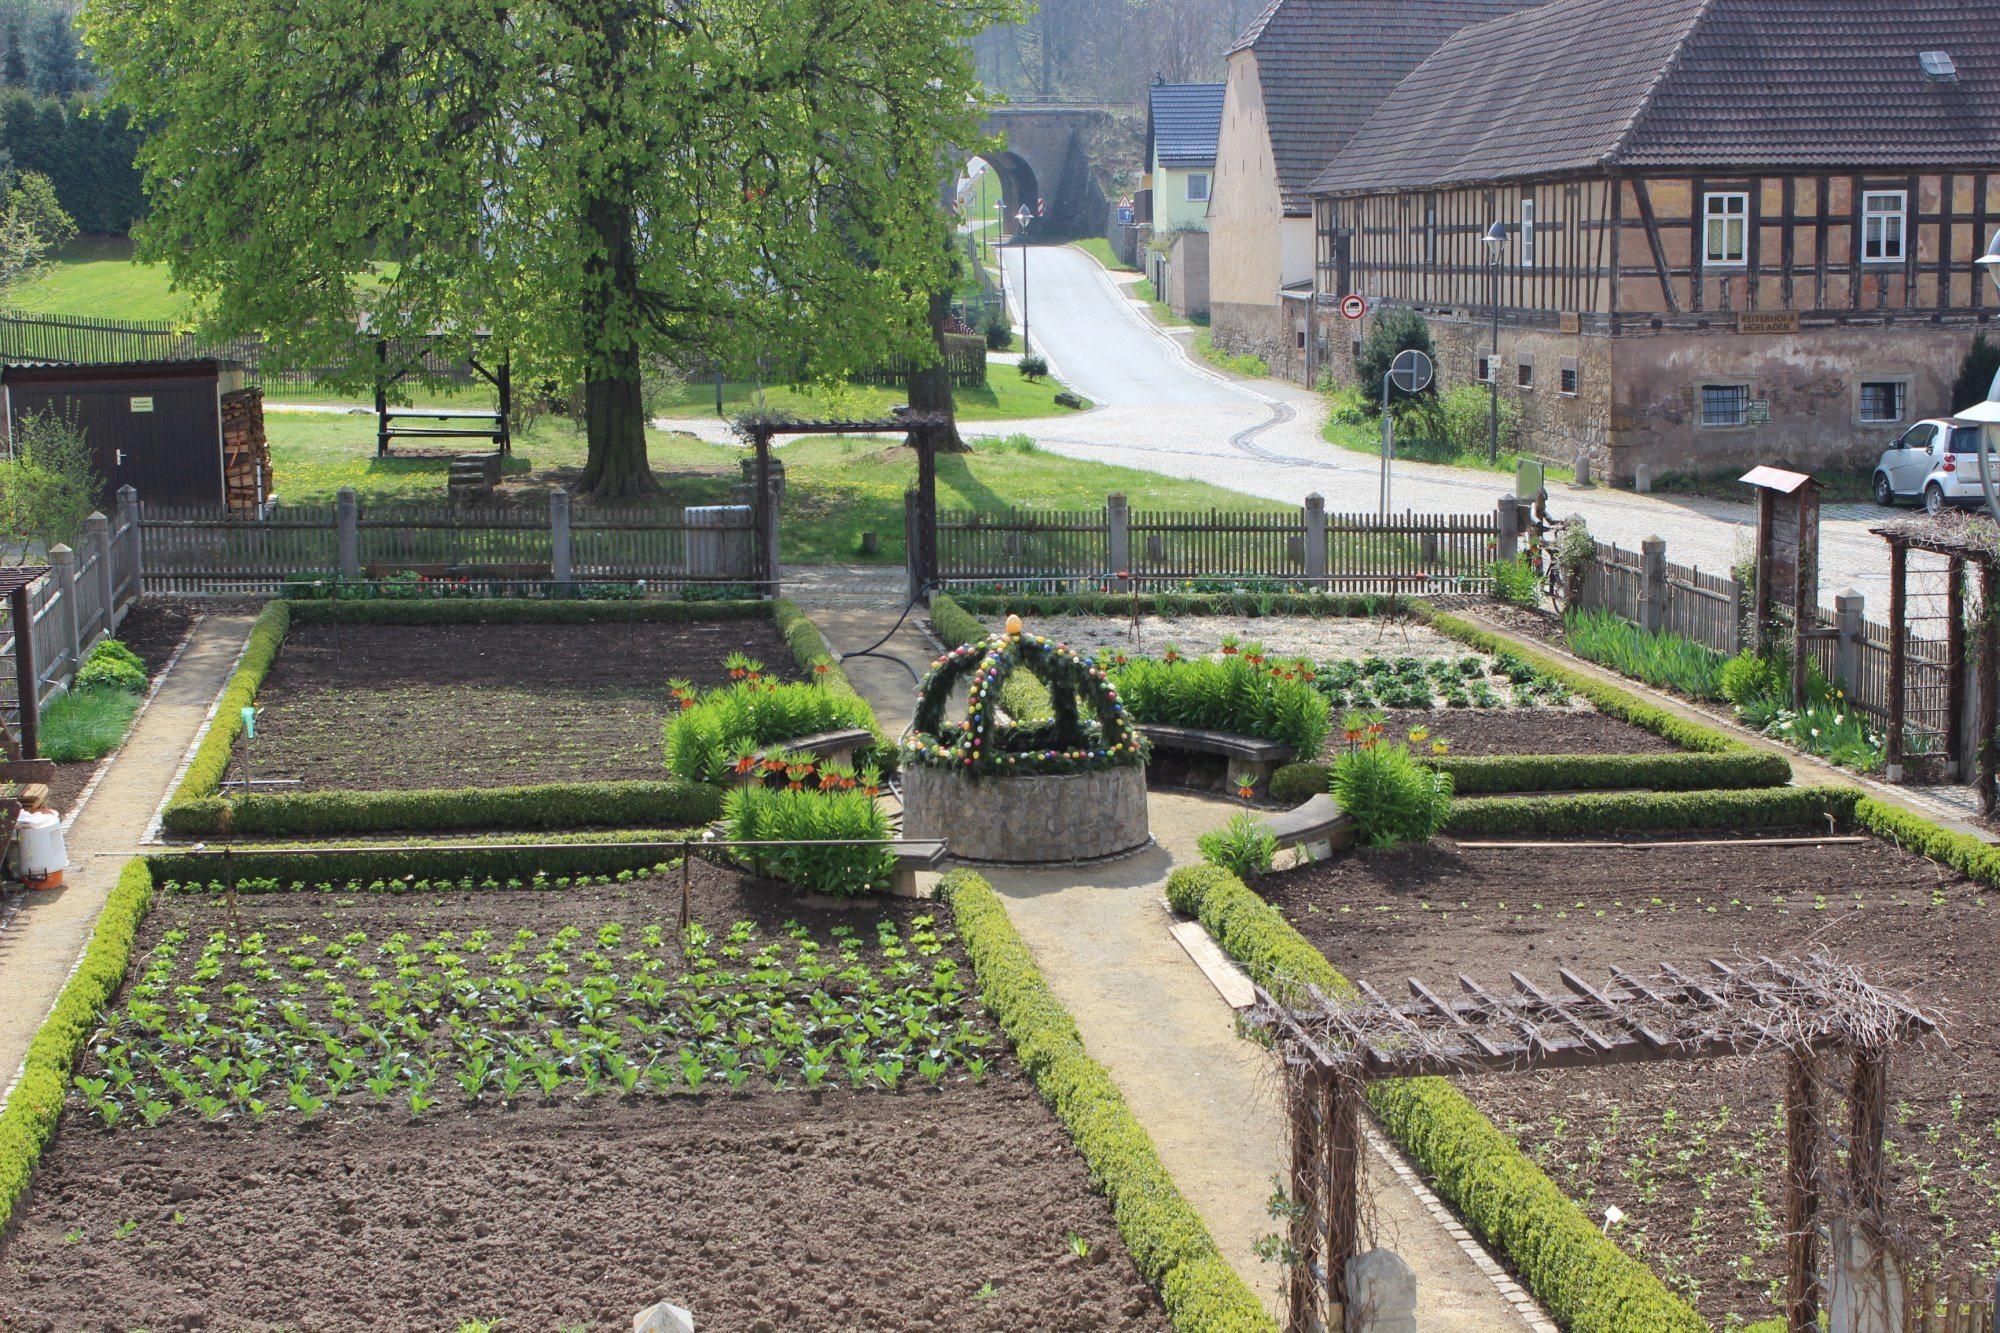 Bauerngarten Collis Ostern 2